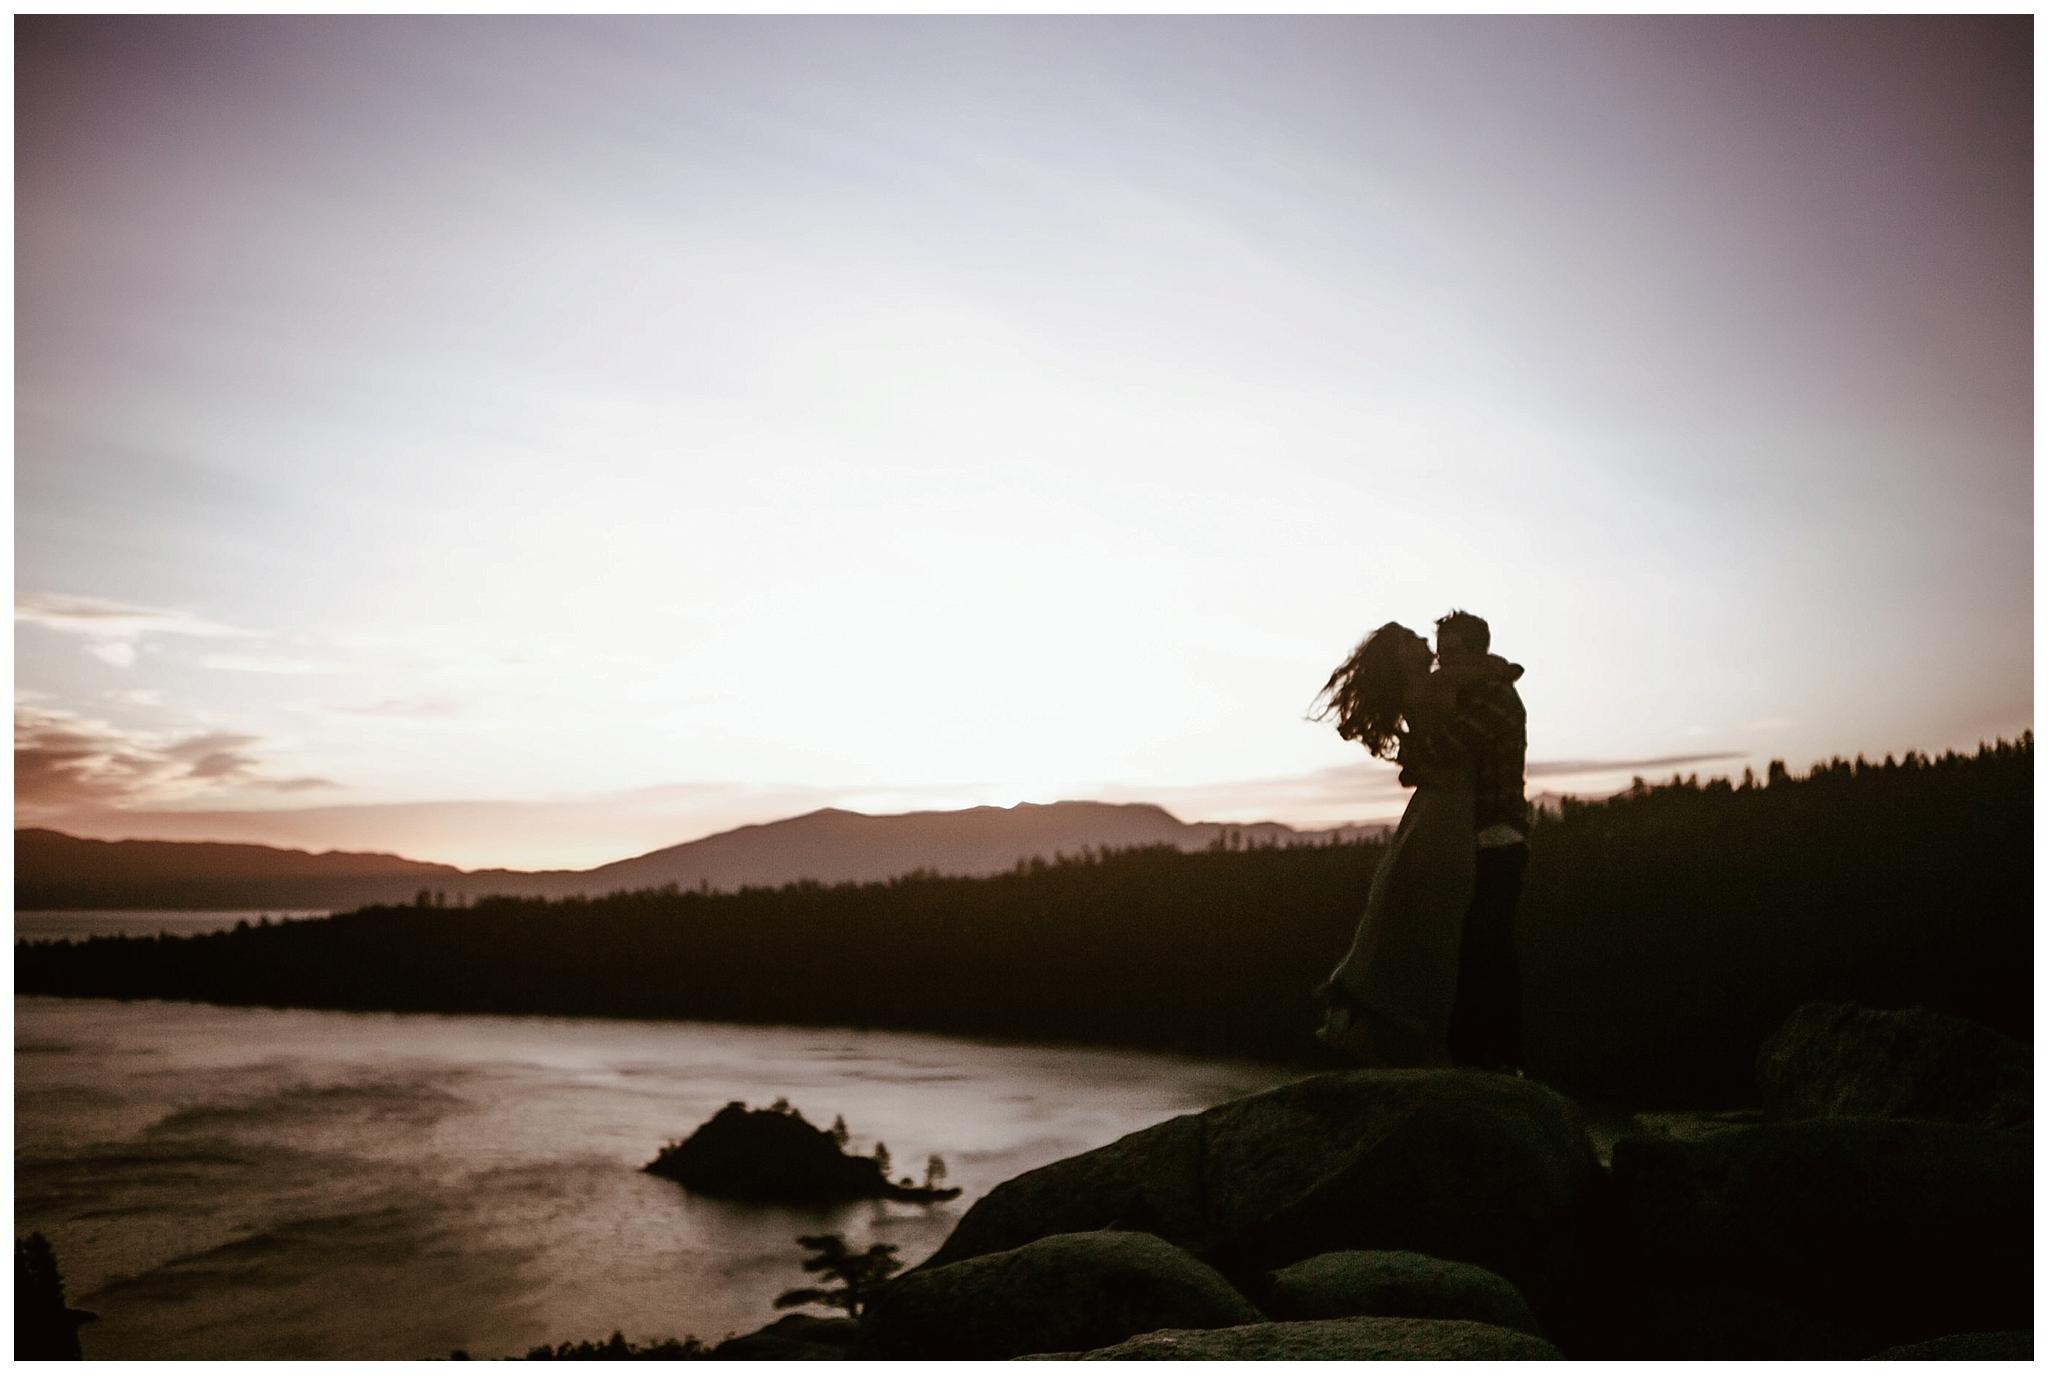 lake tahoe lifestyle photography - lake tahoe engagement photographer - lake tahoe elopement photographer - lake tahoe photographer - south lake tahoe photography-6.jpg